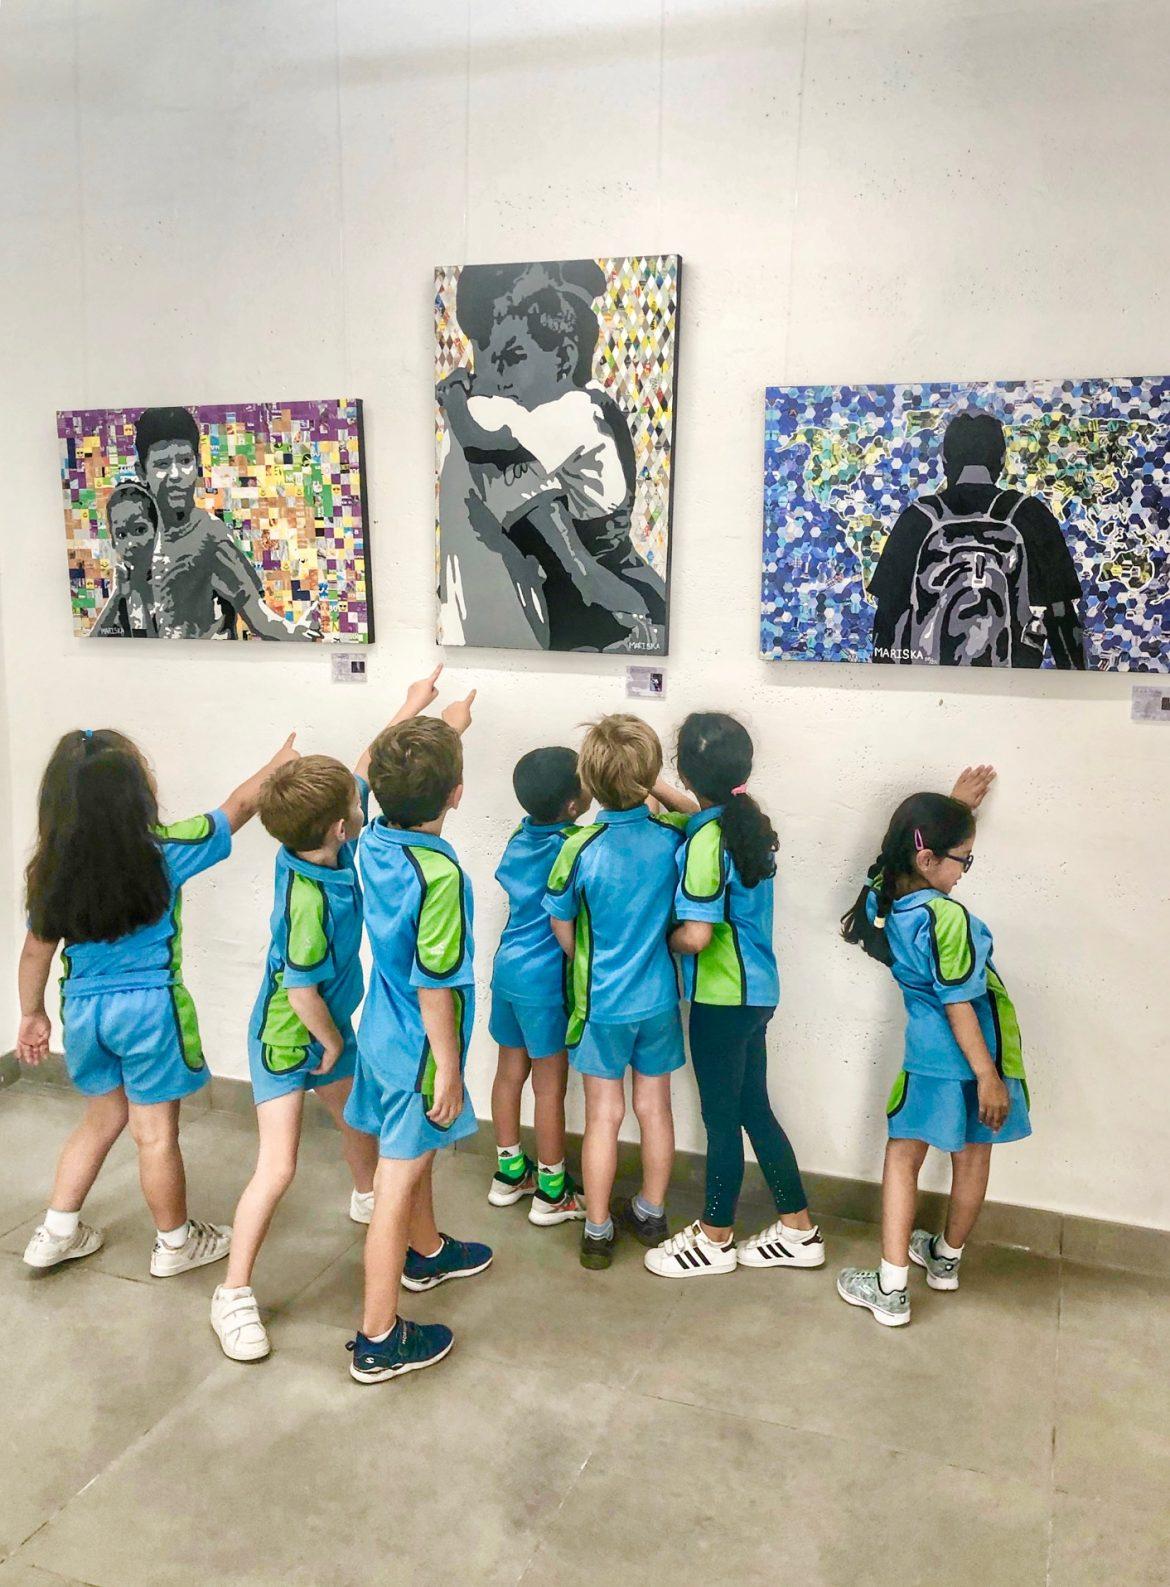 المدينة المستدامة تنظم مخيمها الصيفي التعليمي و الترفيهي للأطفال في دبي